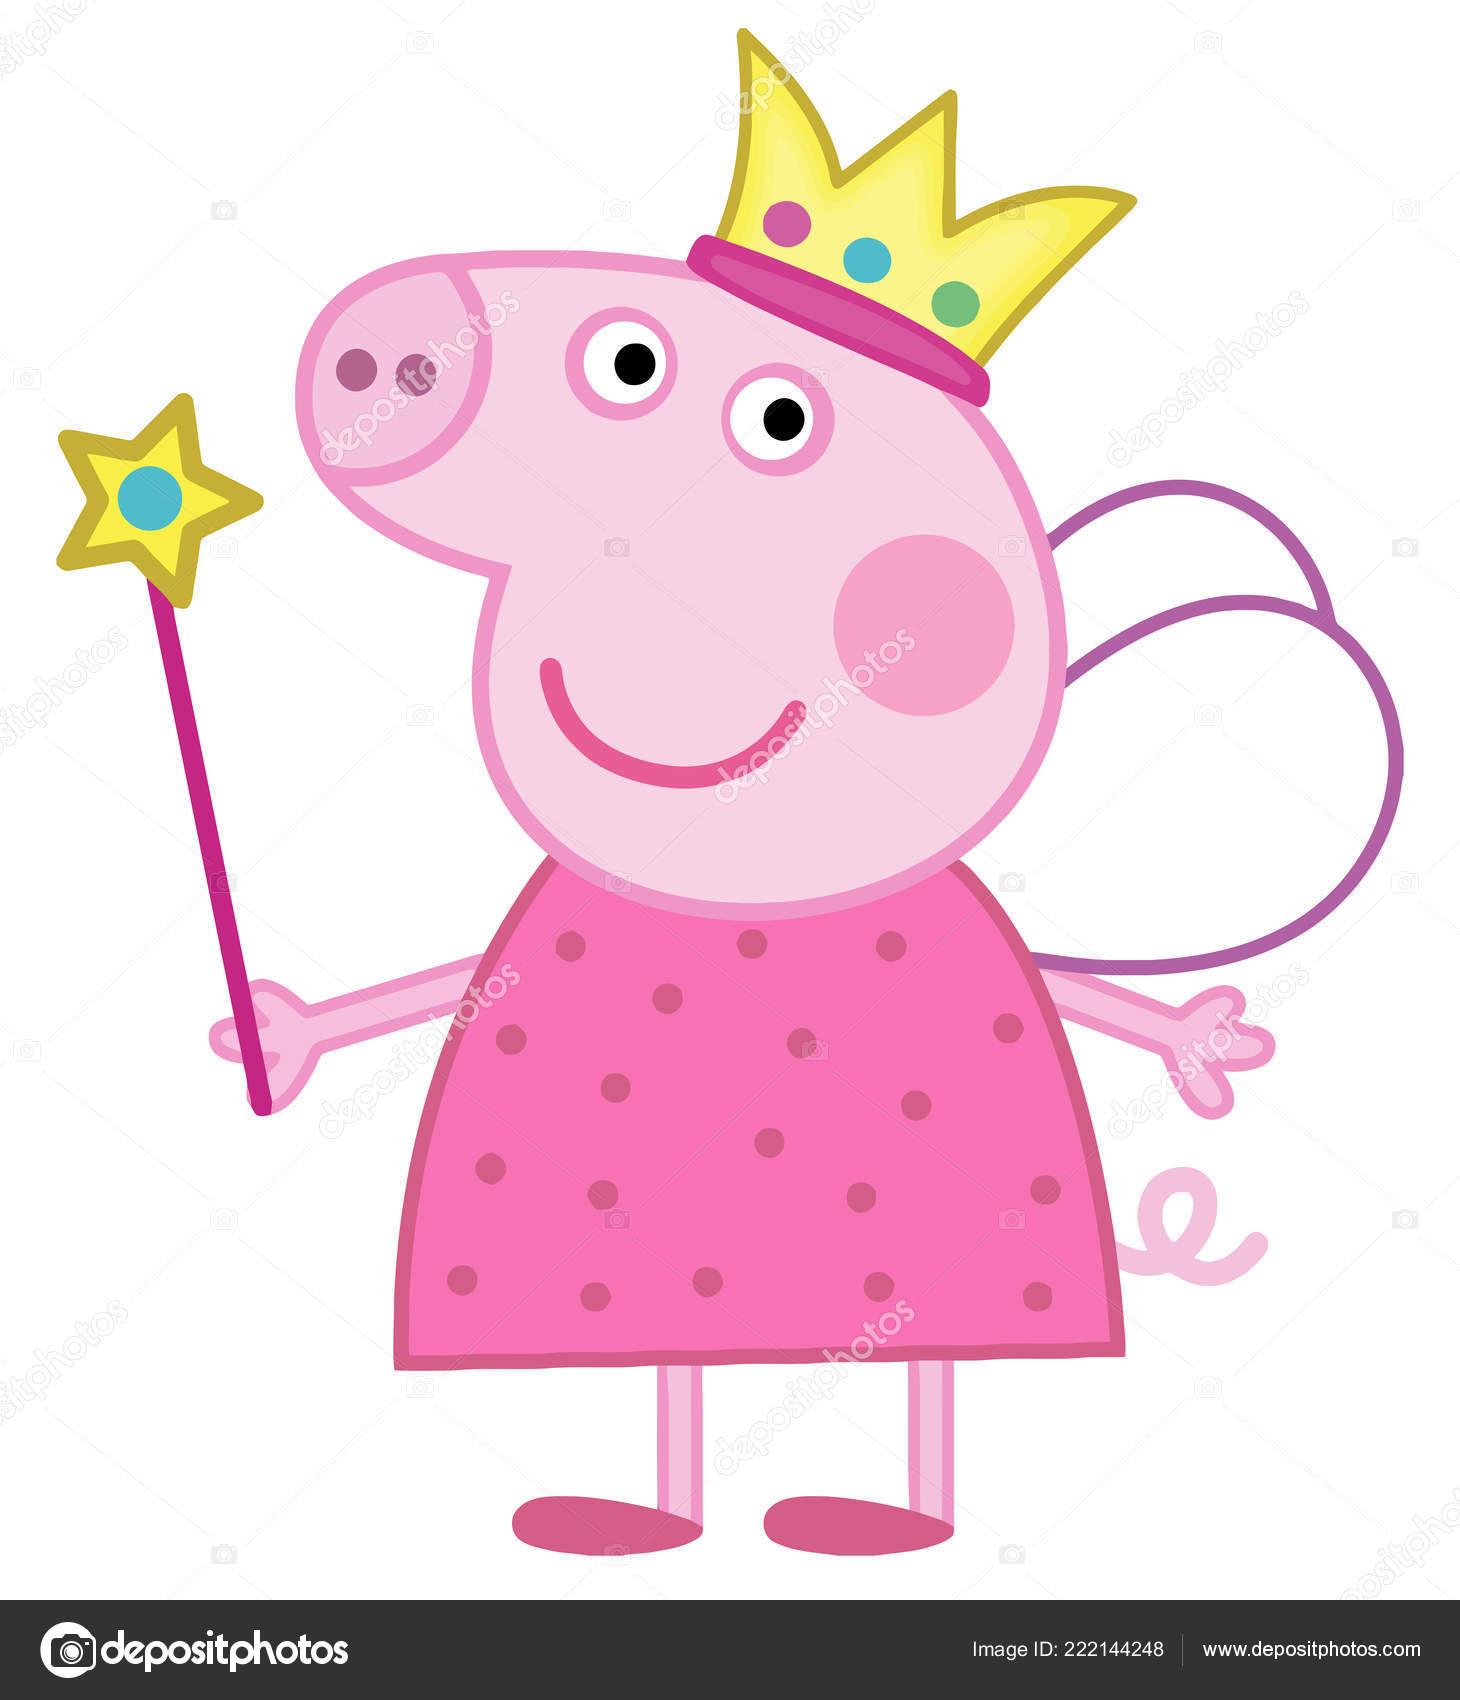 Images: peppa pig characters | Peppa Pig Kids Cartoon